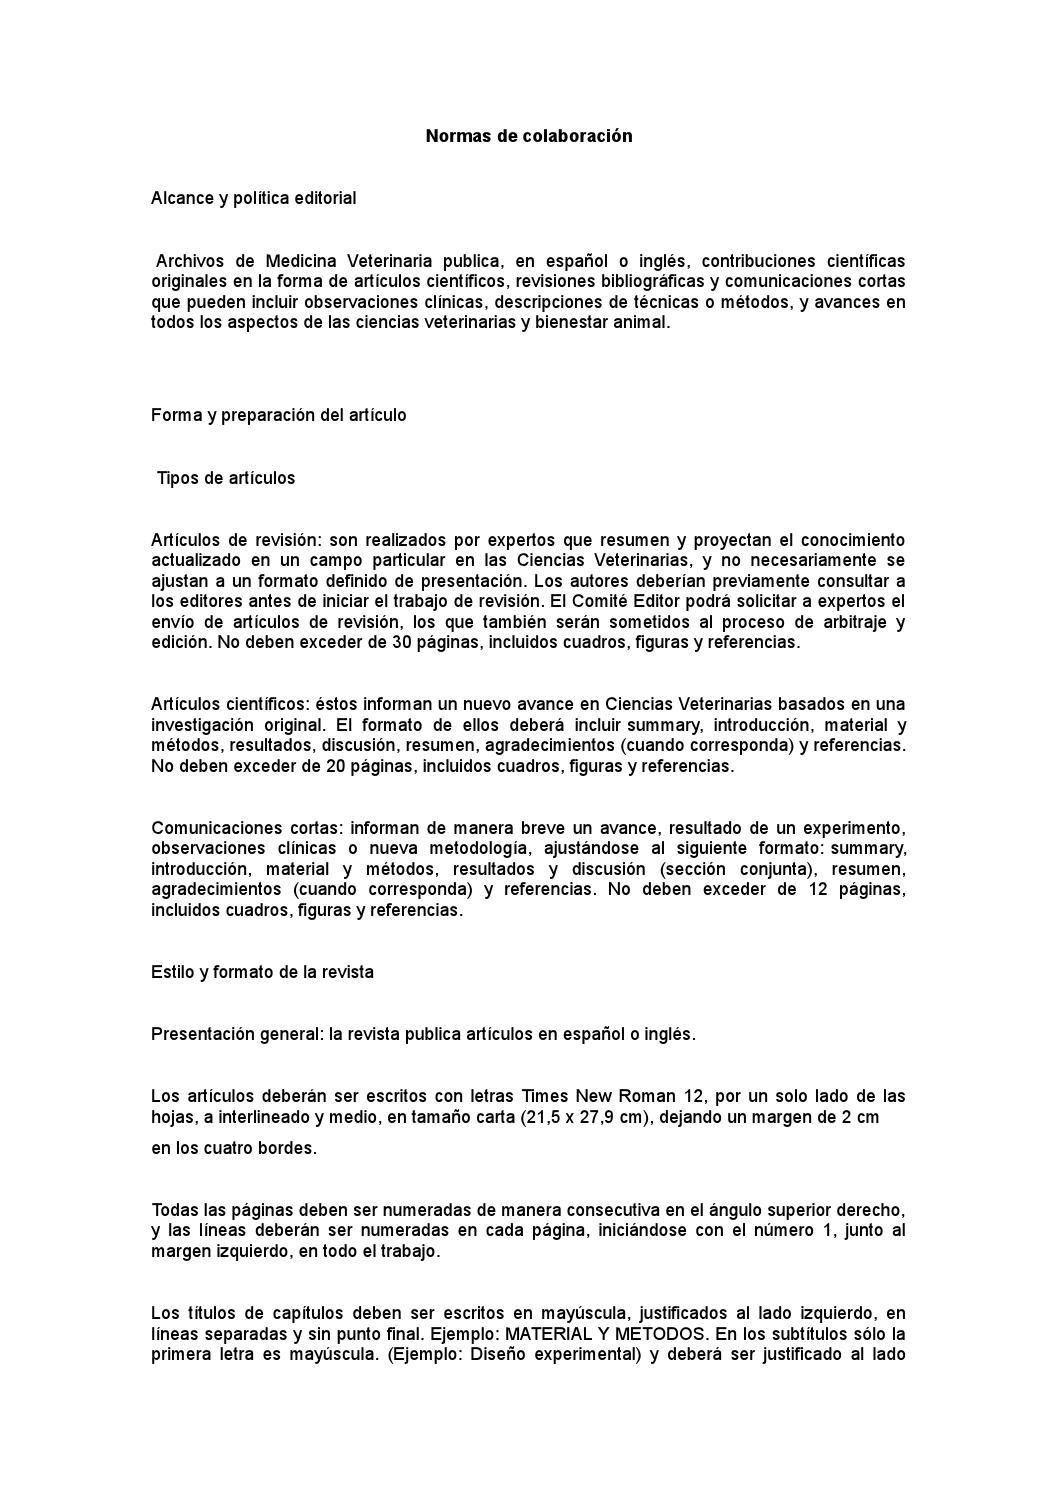 Archivos medicina veterinaria by Pabelco - issuu